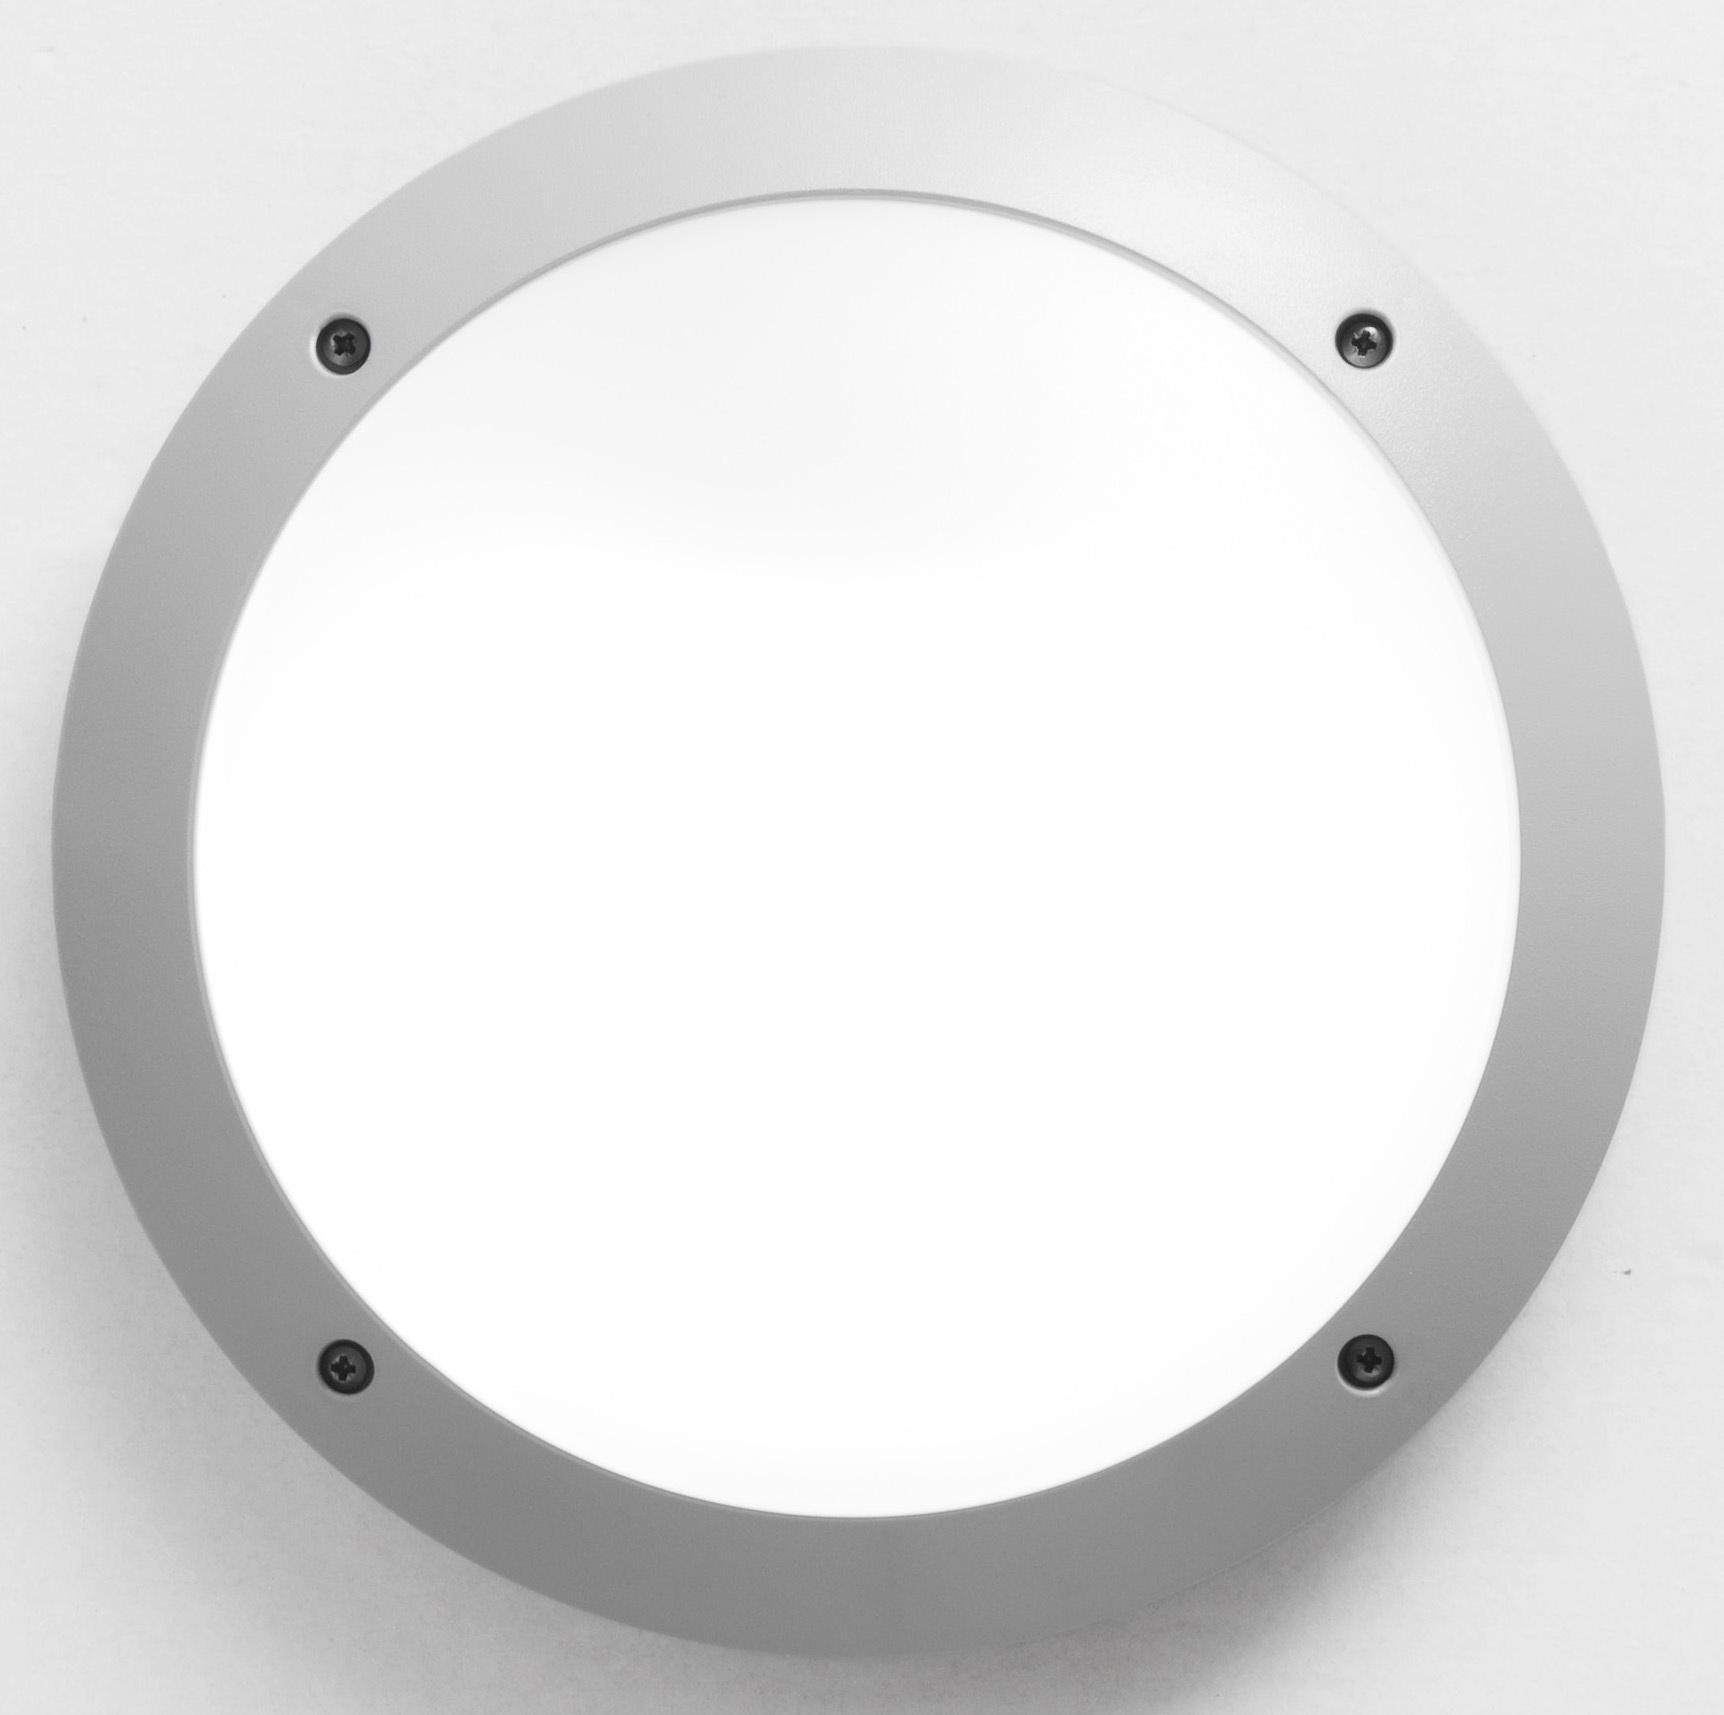 Светильник Fumagalli Lucia gm, уличный, производство: Италия, серый матовый цена